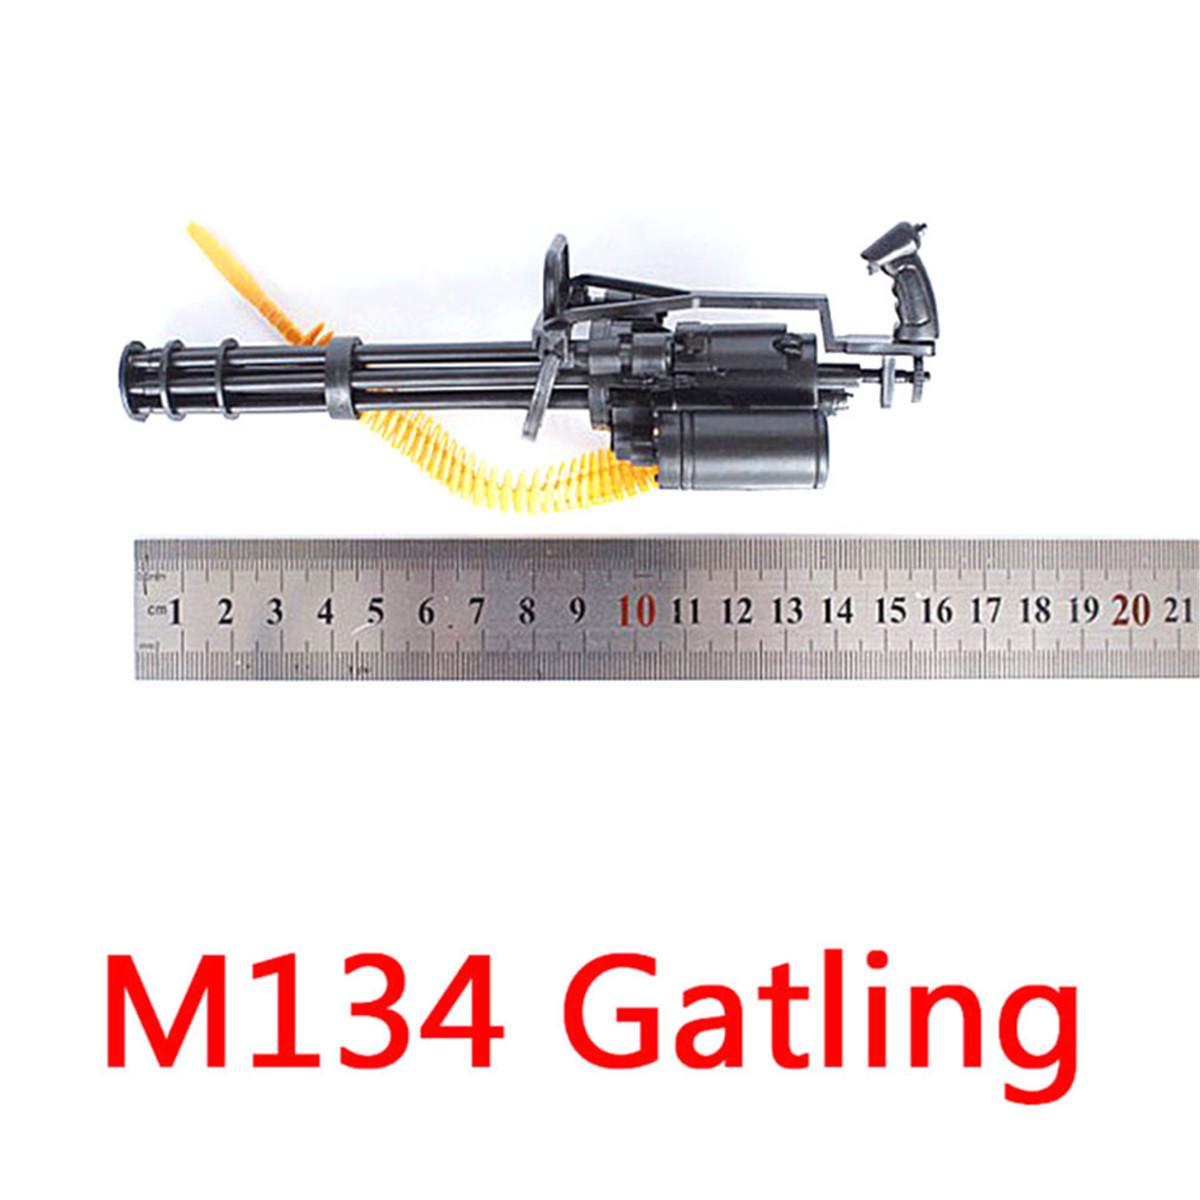 1:6 Action Figures M134 Gatling Minigun T800 Heavy Machine Gun Model toy g ML